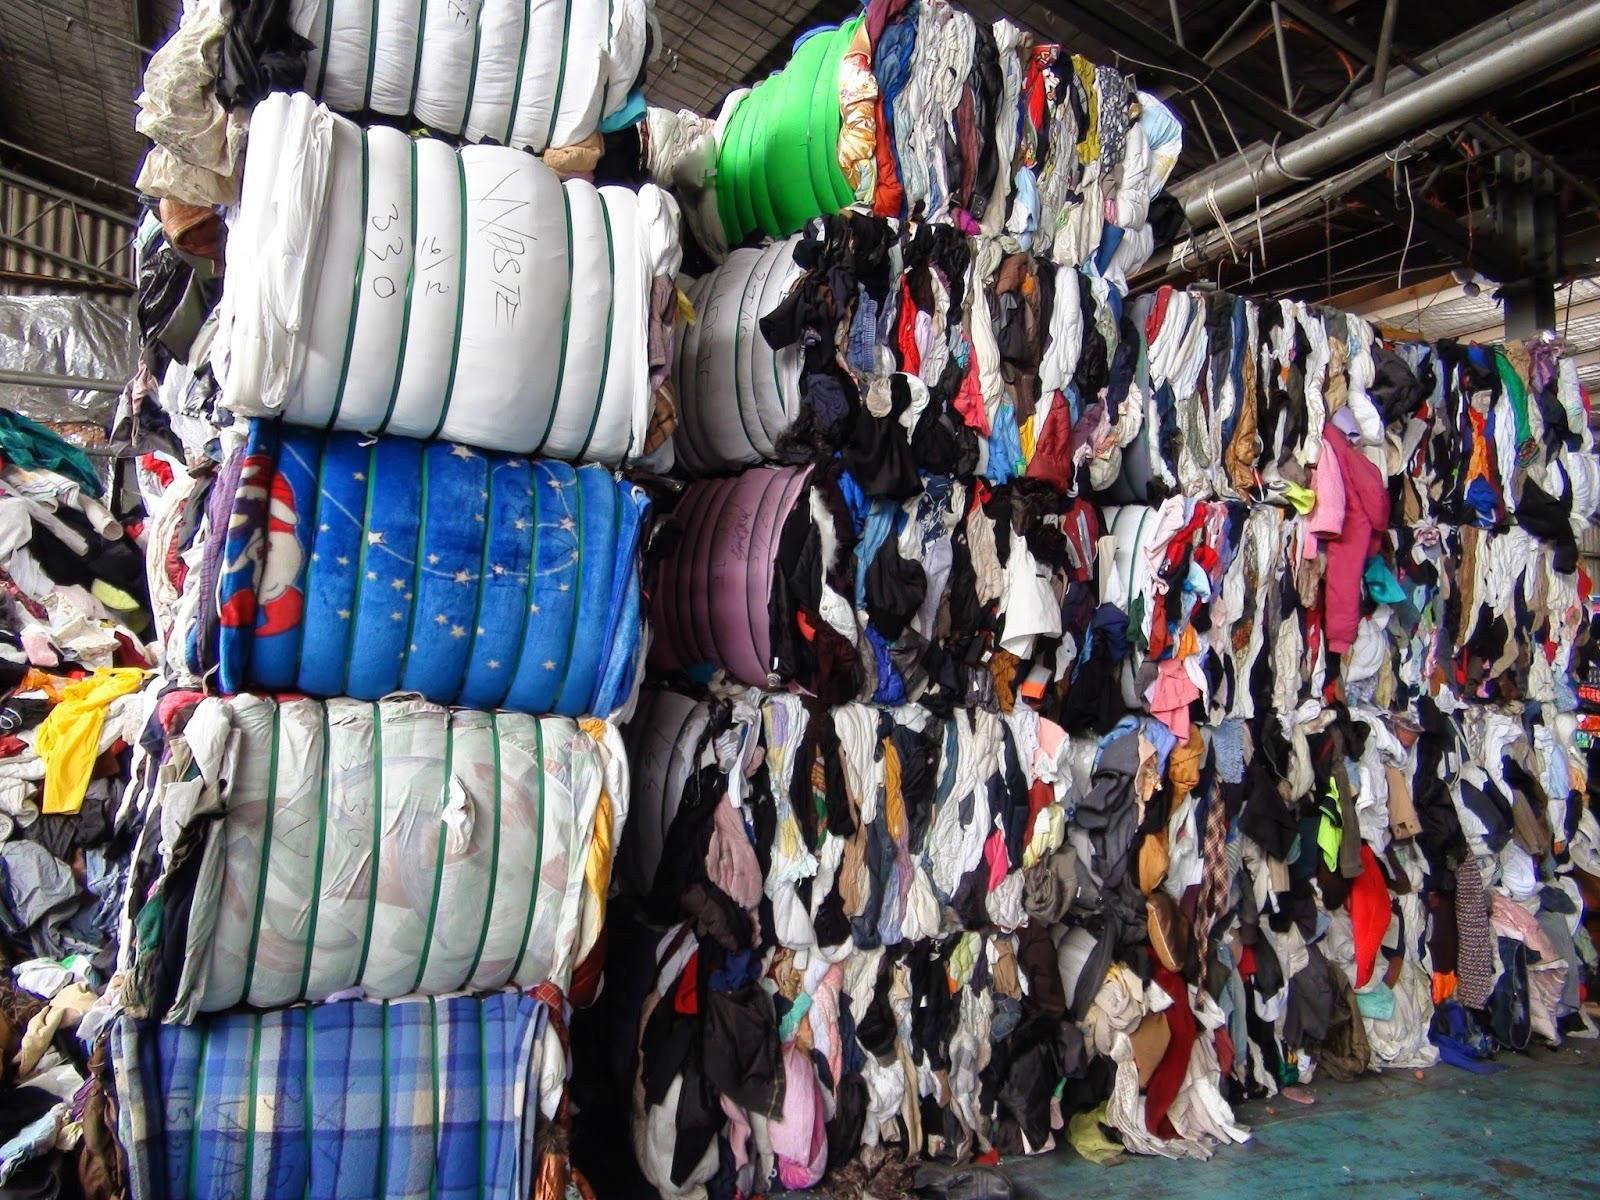 吉安公益旧衣回收箱,旧衣在环保公益的路上,实现真正的价值